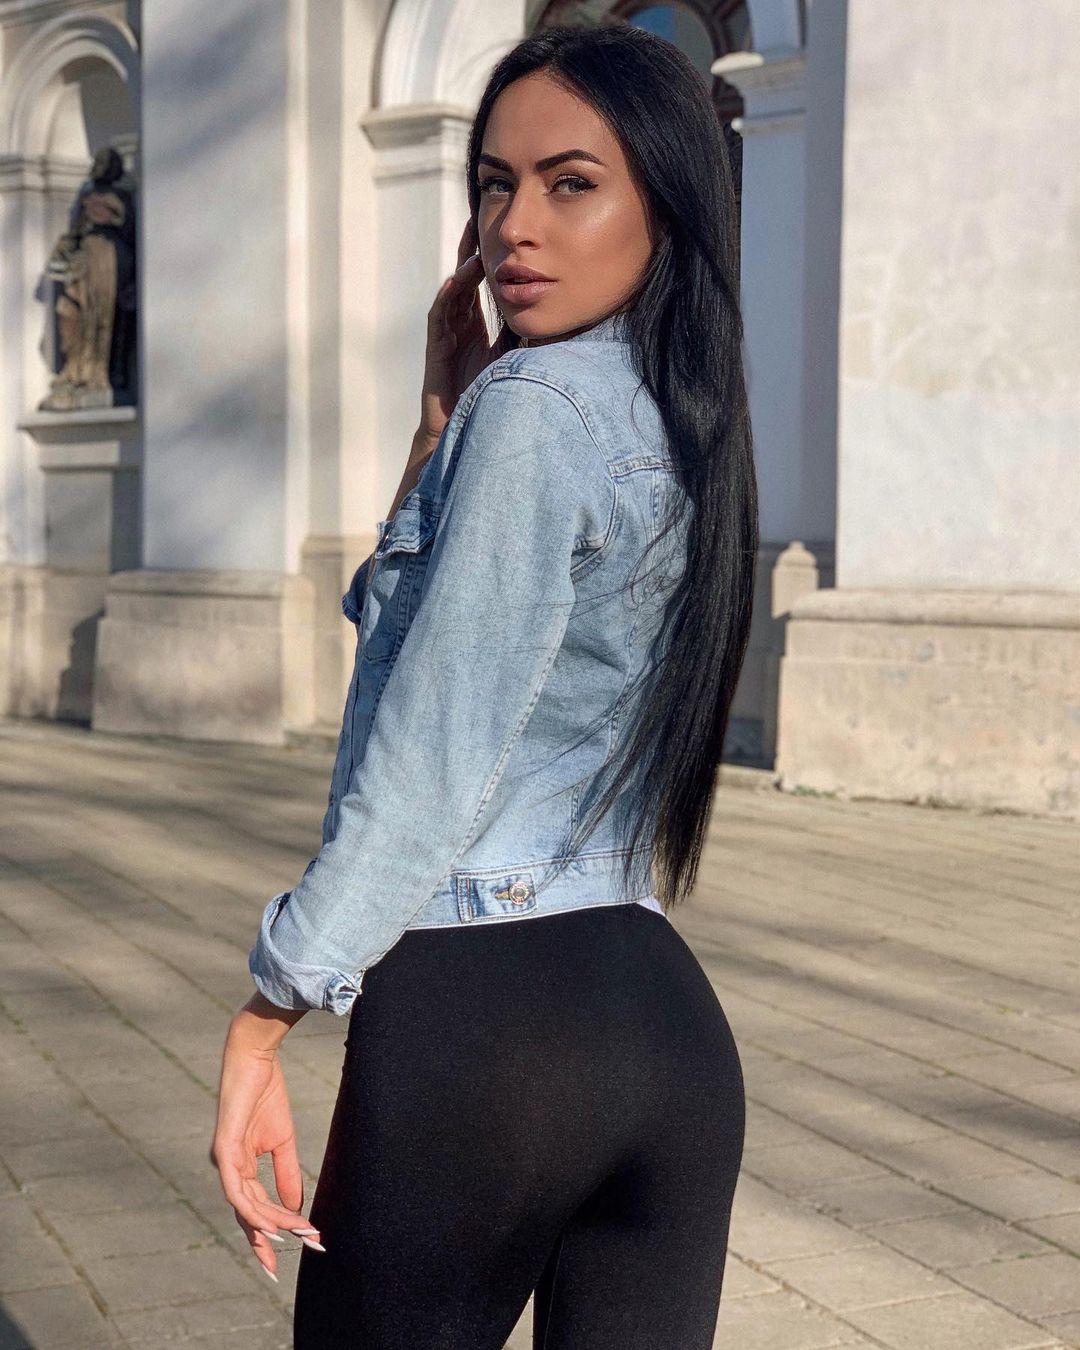 Olga-Mikhailyuk-2